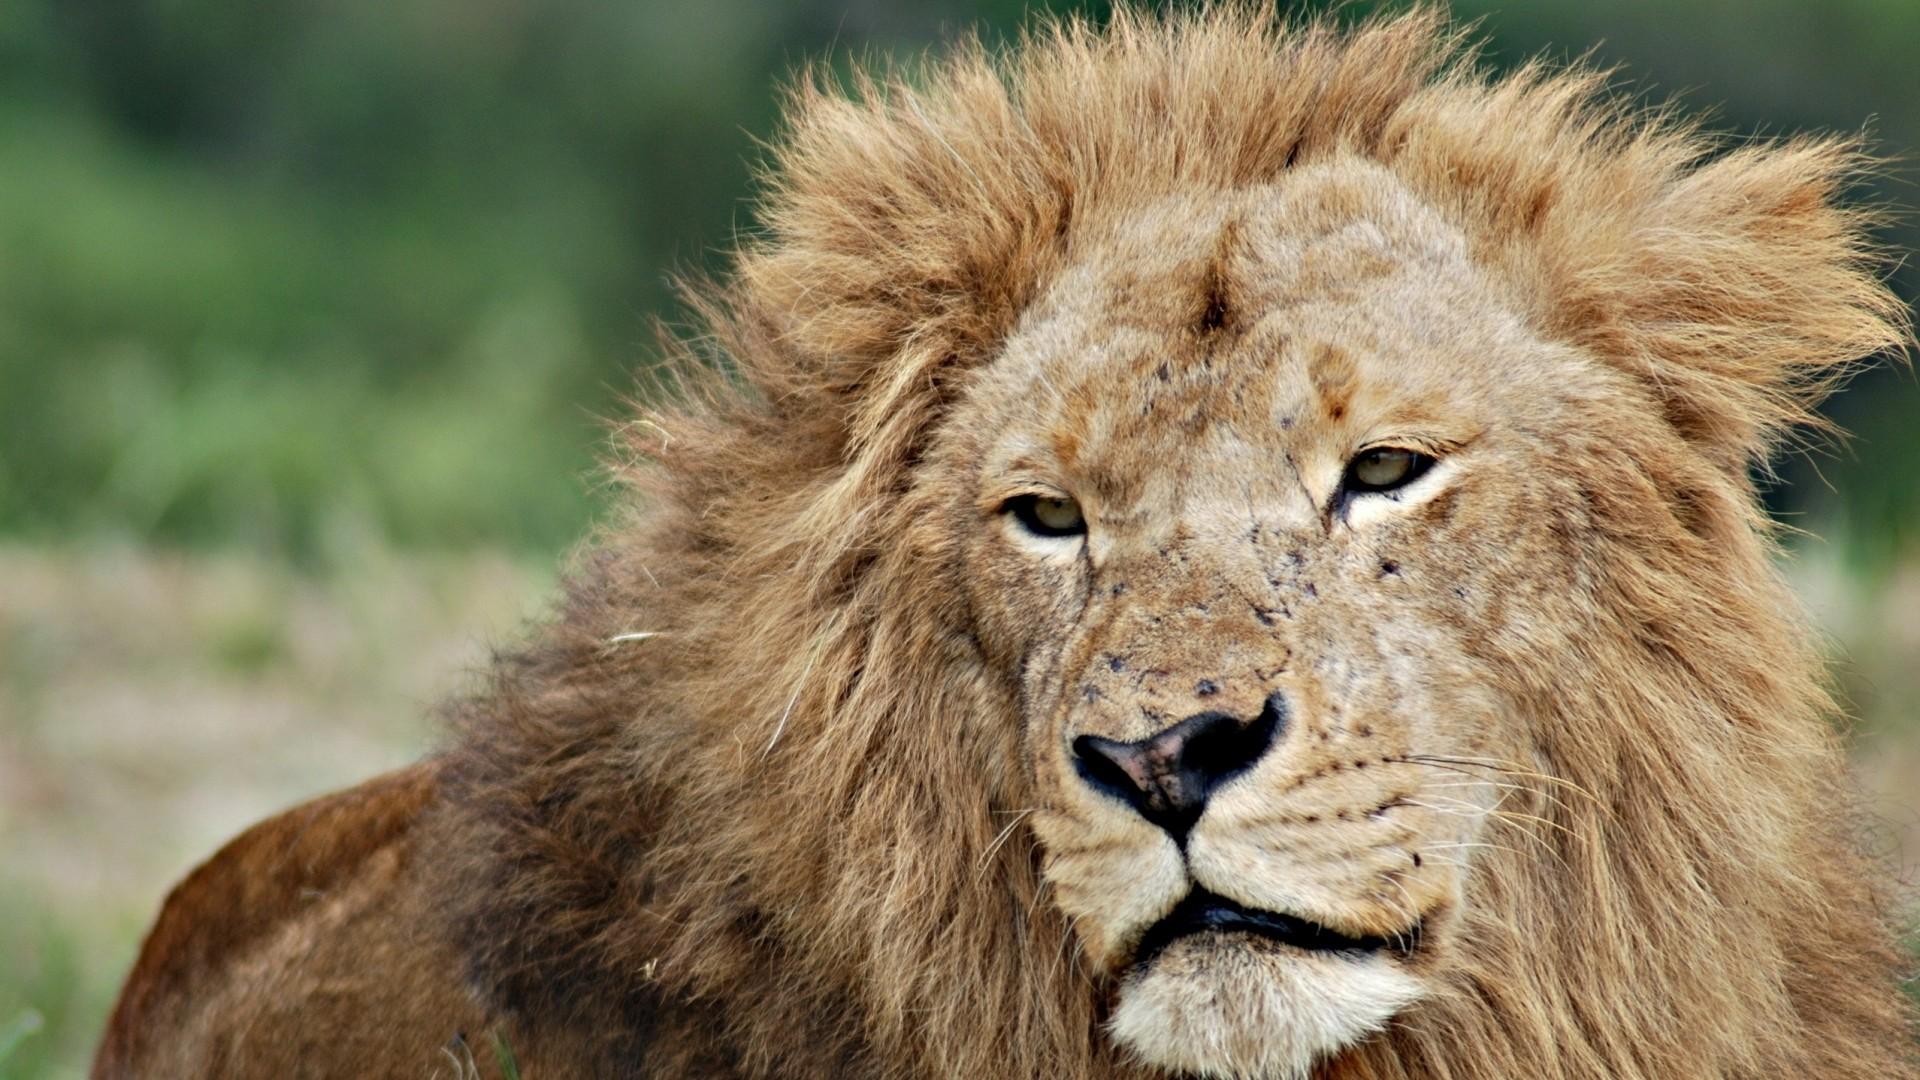 Wallpaper lion, face, mane, eyes, king of beasts